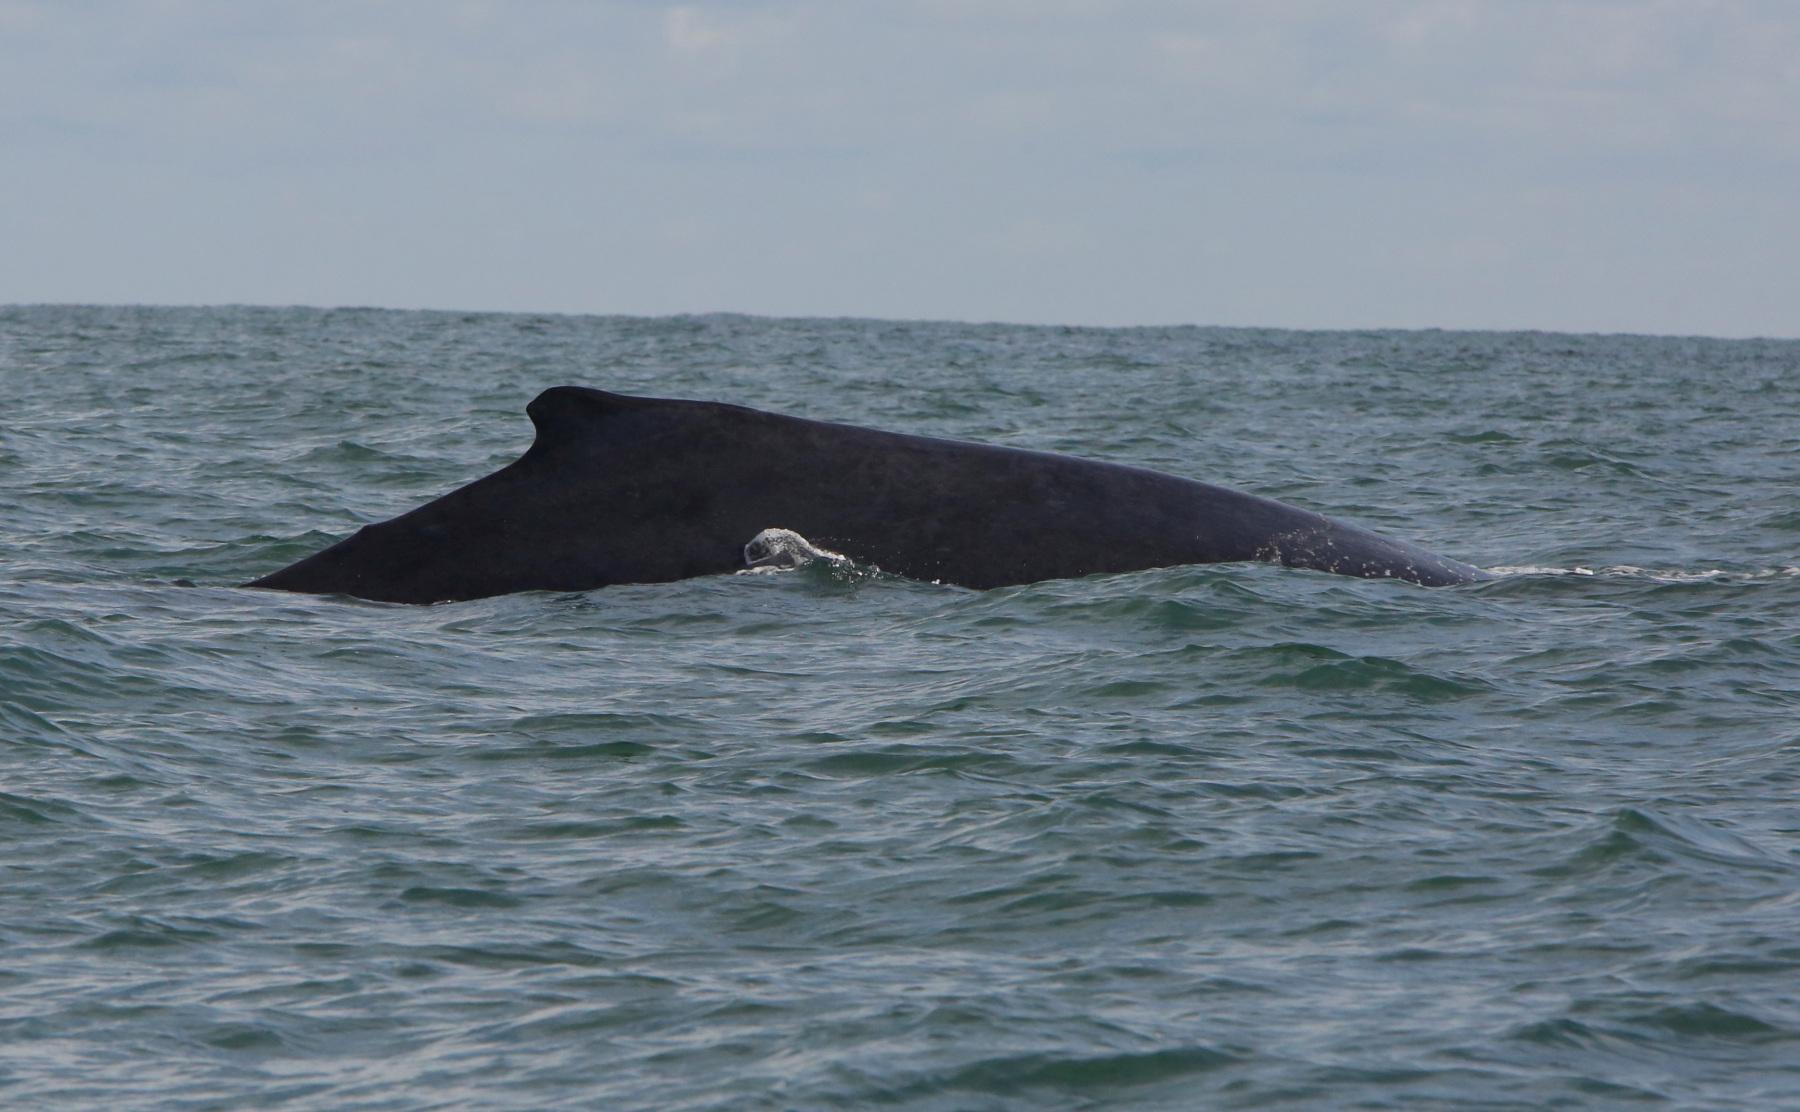 Avistamiento de ballenas jorobadas en el Pacífico colombiano